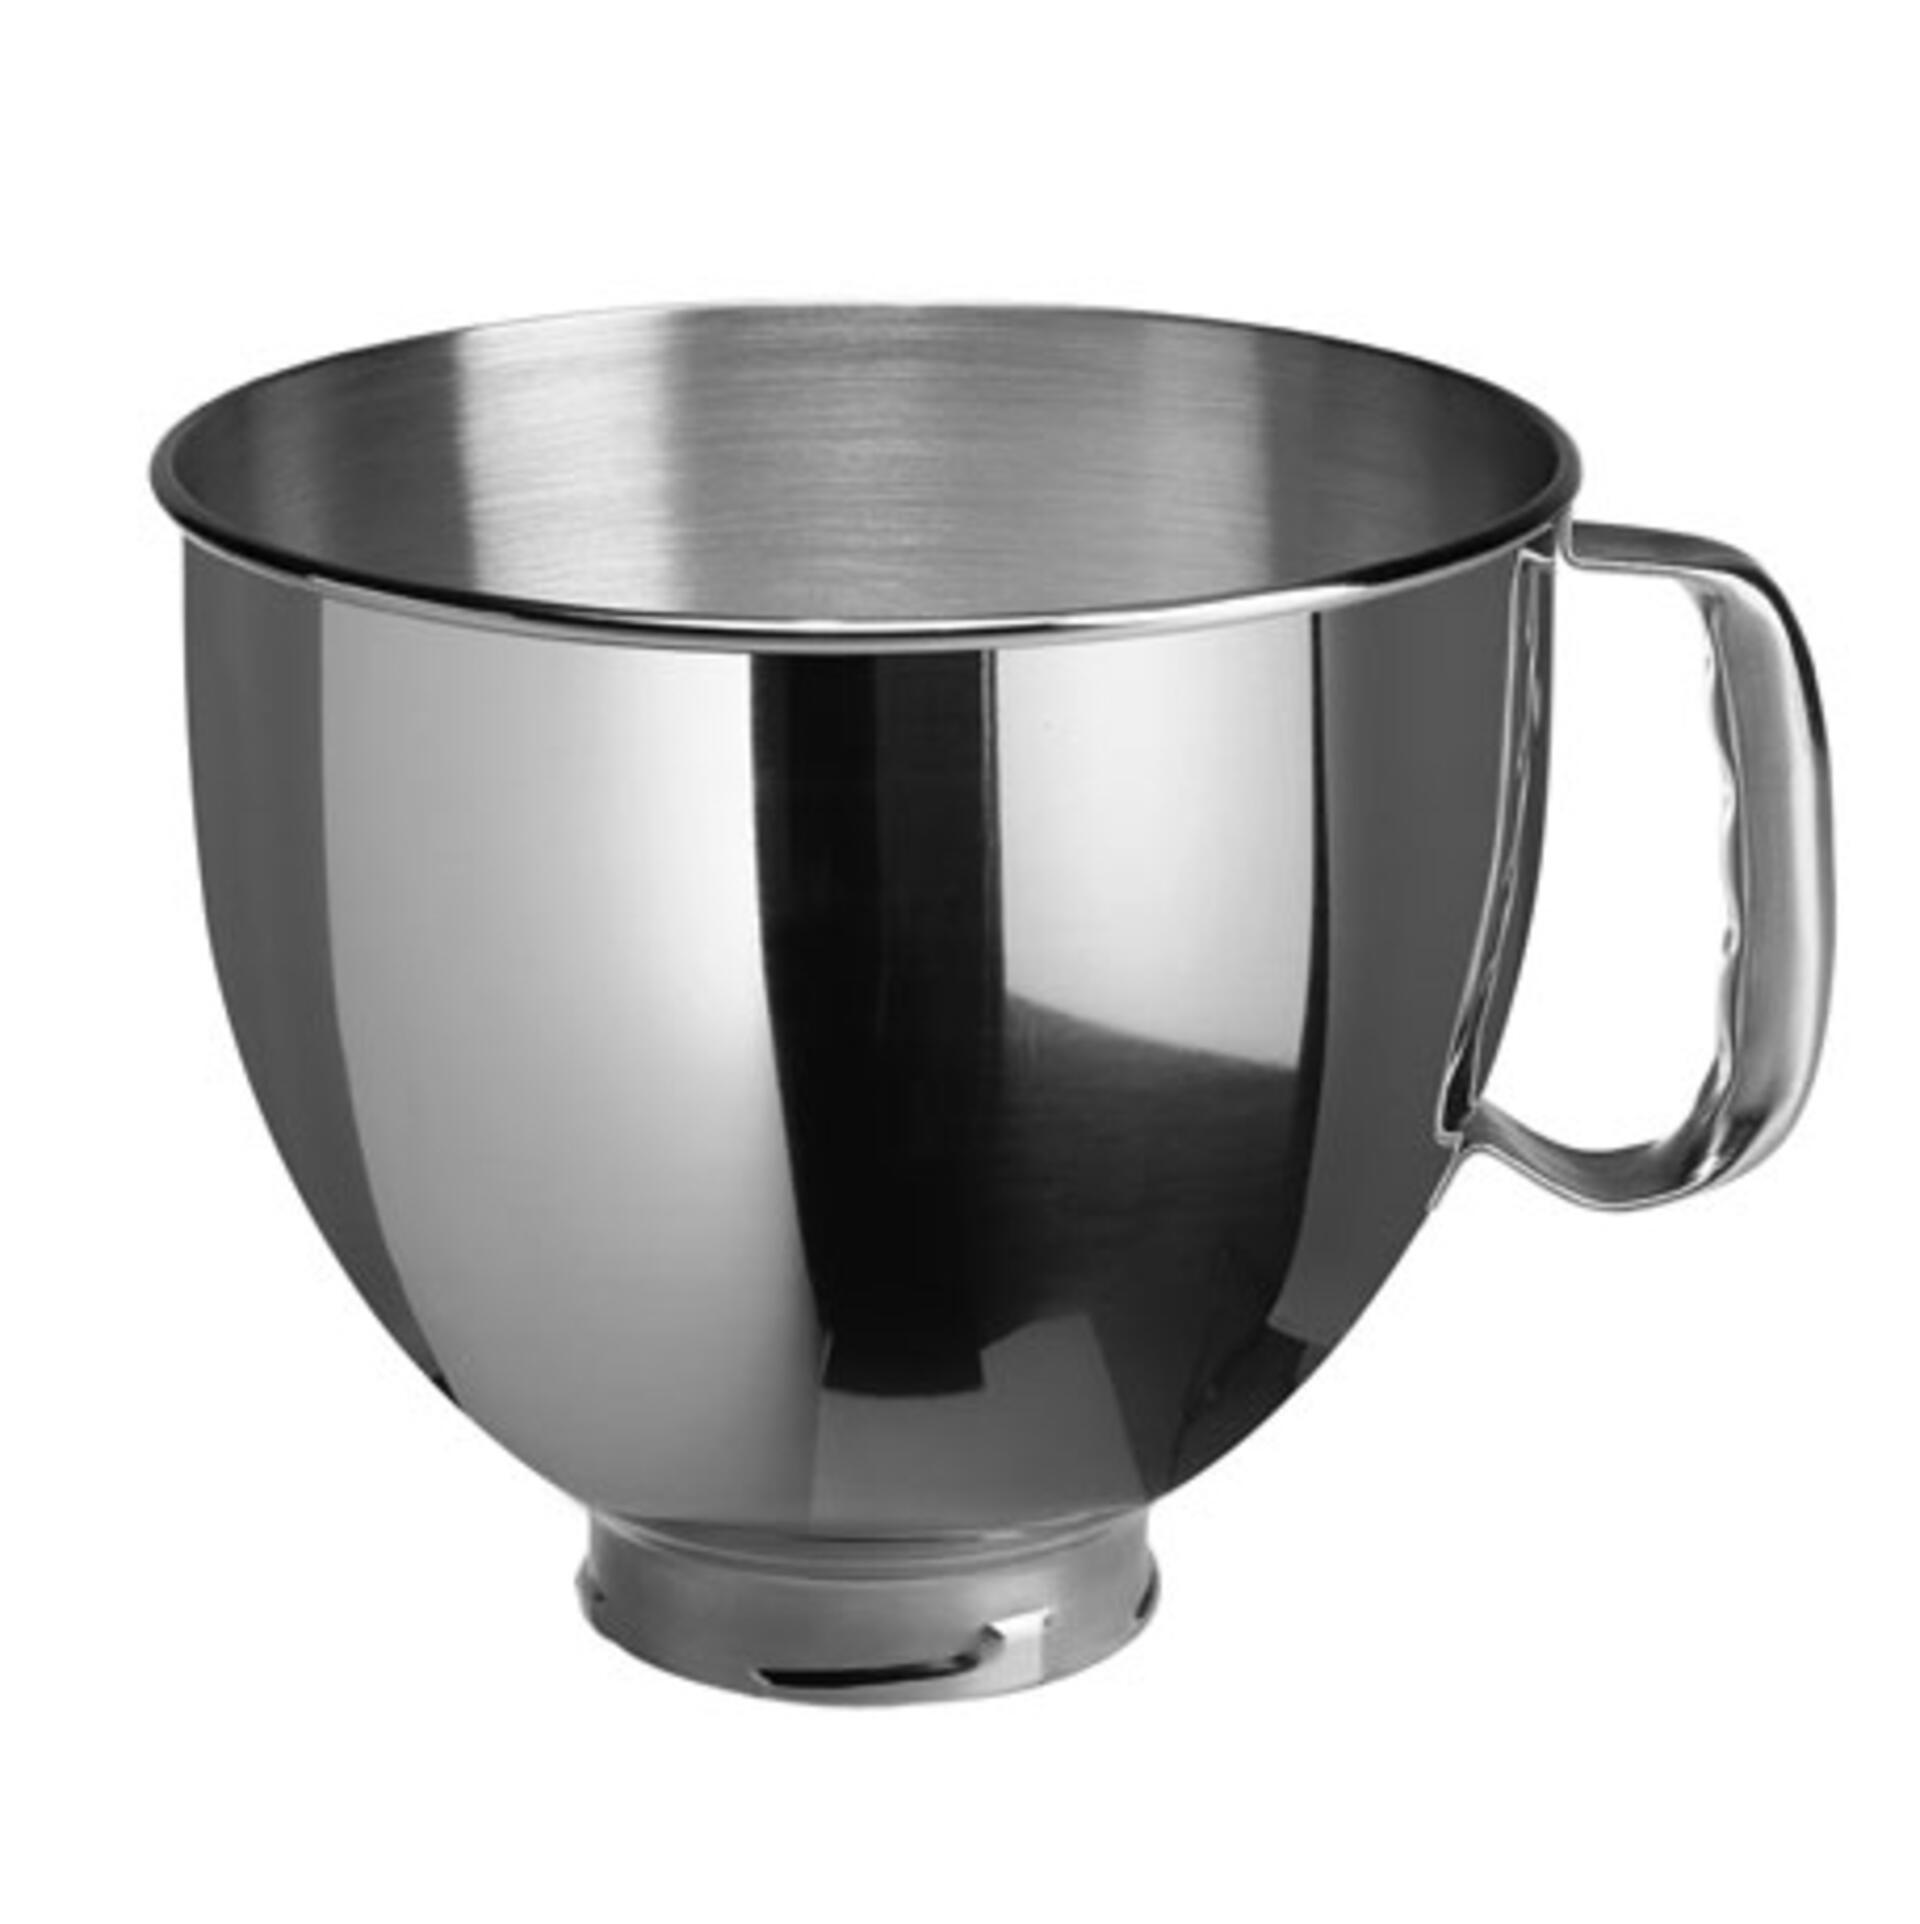 KitchenAid Edelstahlschüssel 4,83 Liter glänzend passend zur Heavy Duty Küchenmaschine K5ASBP